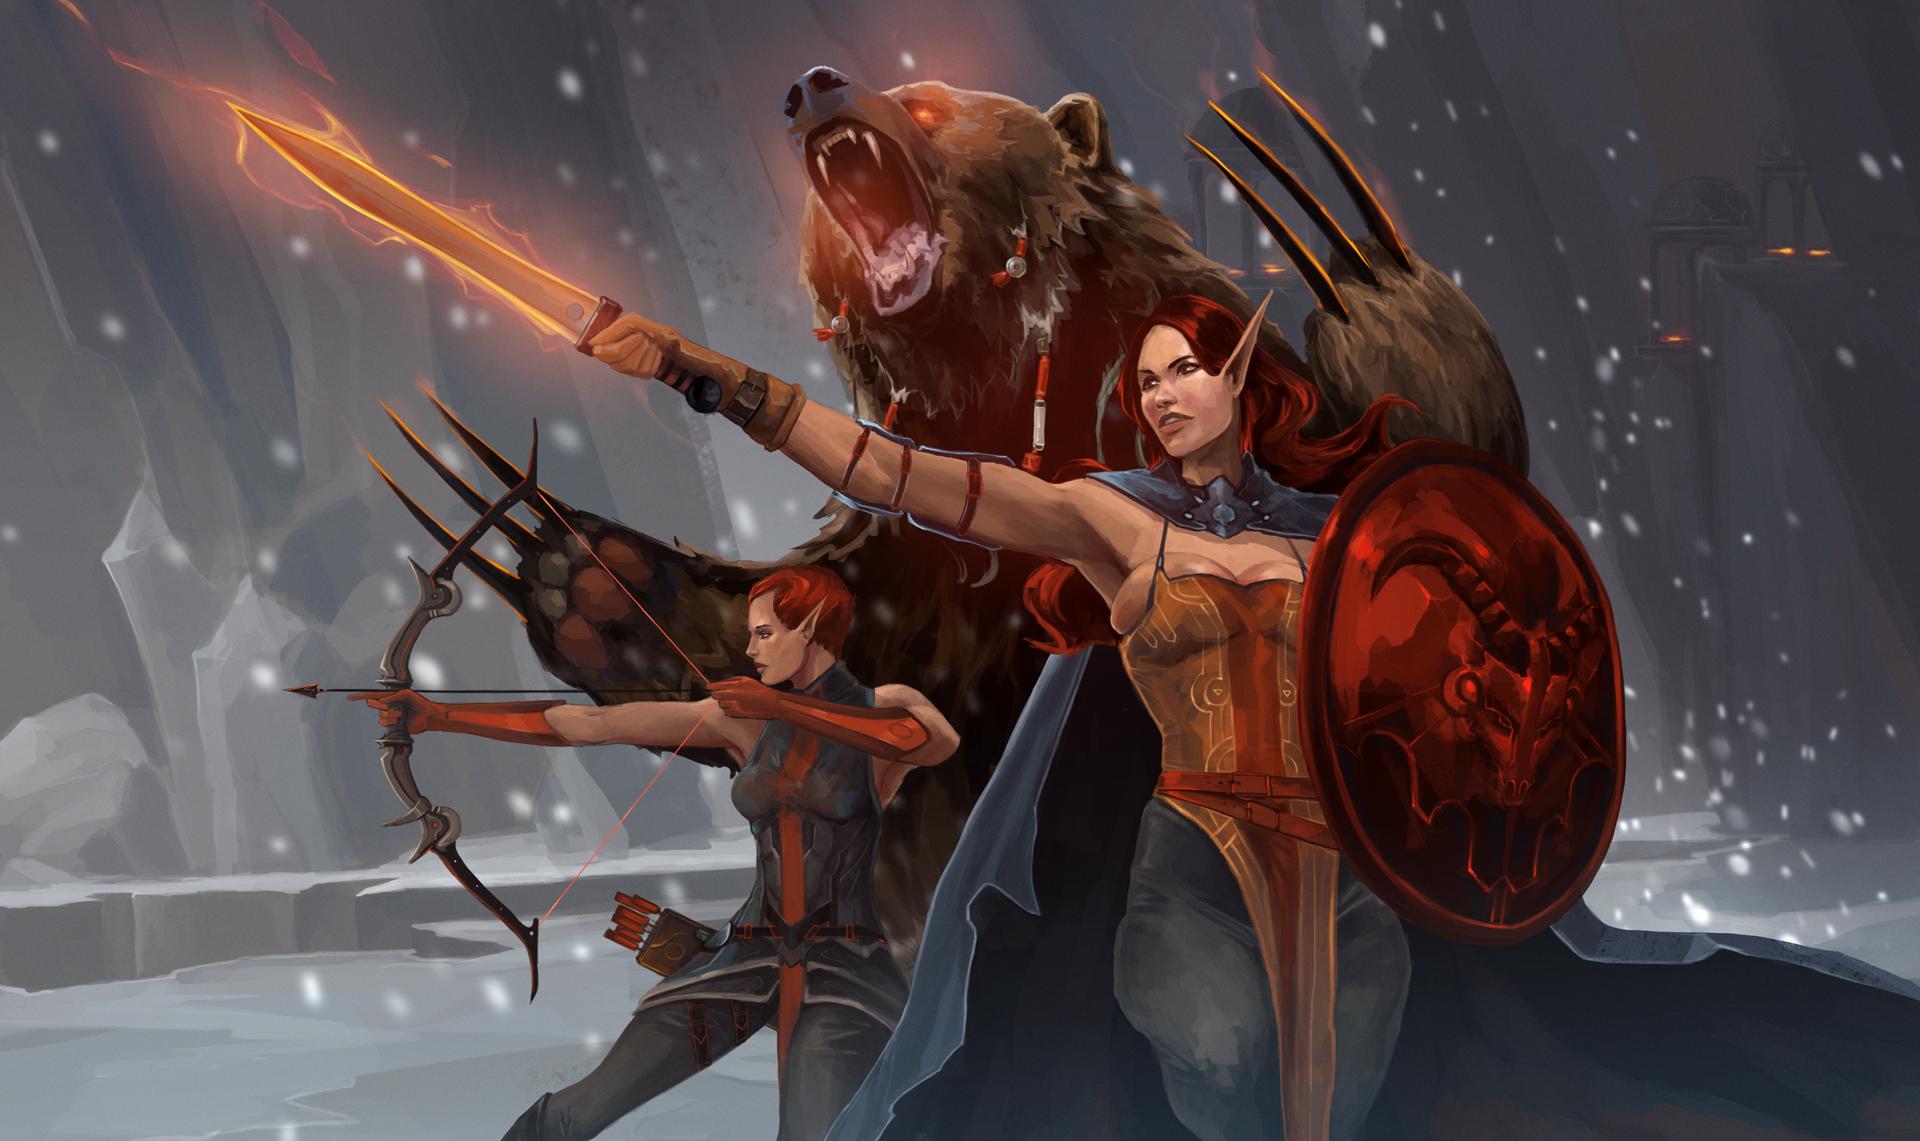 Archer Warrior Elves Fantasy Art Wallpapers Hd: Women Warrior HD Wallpaper